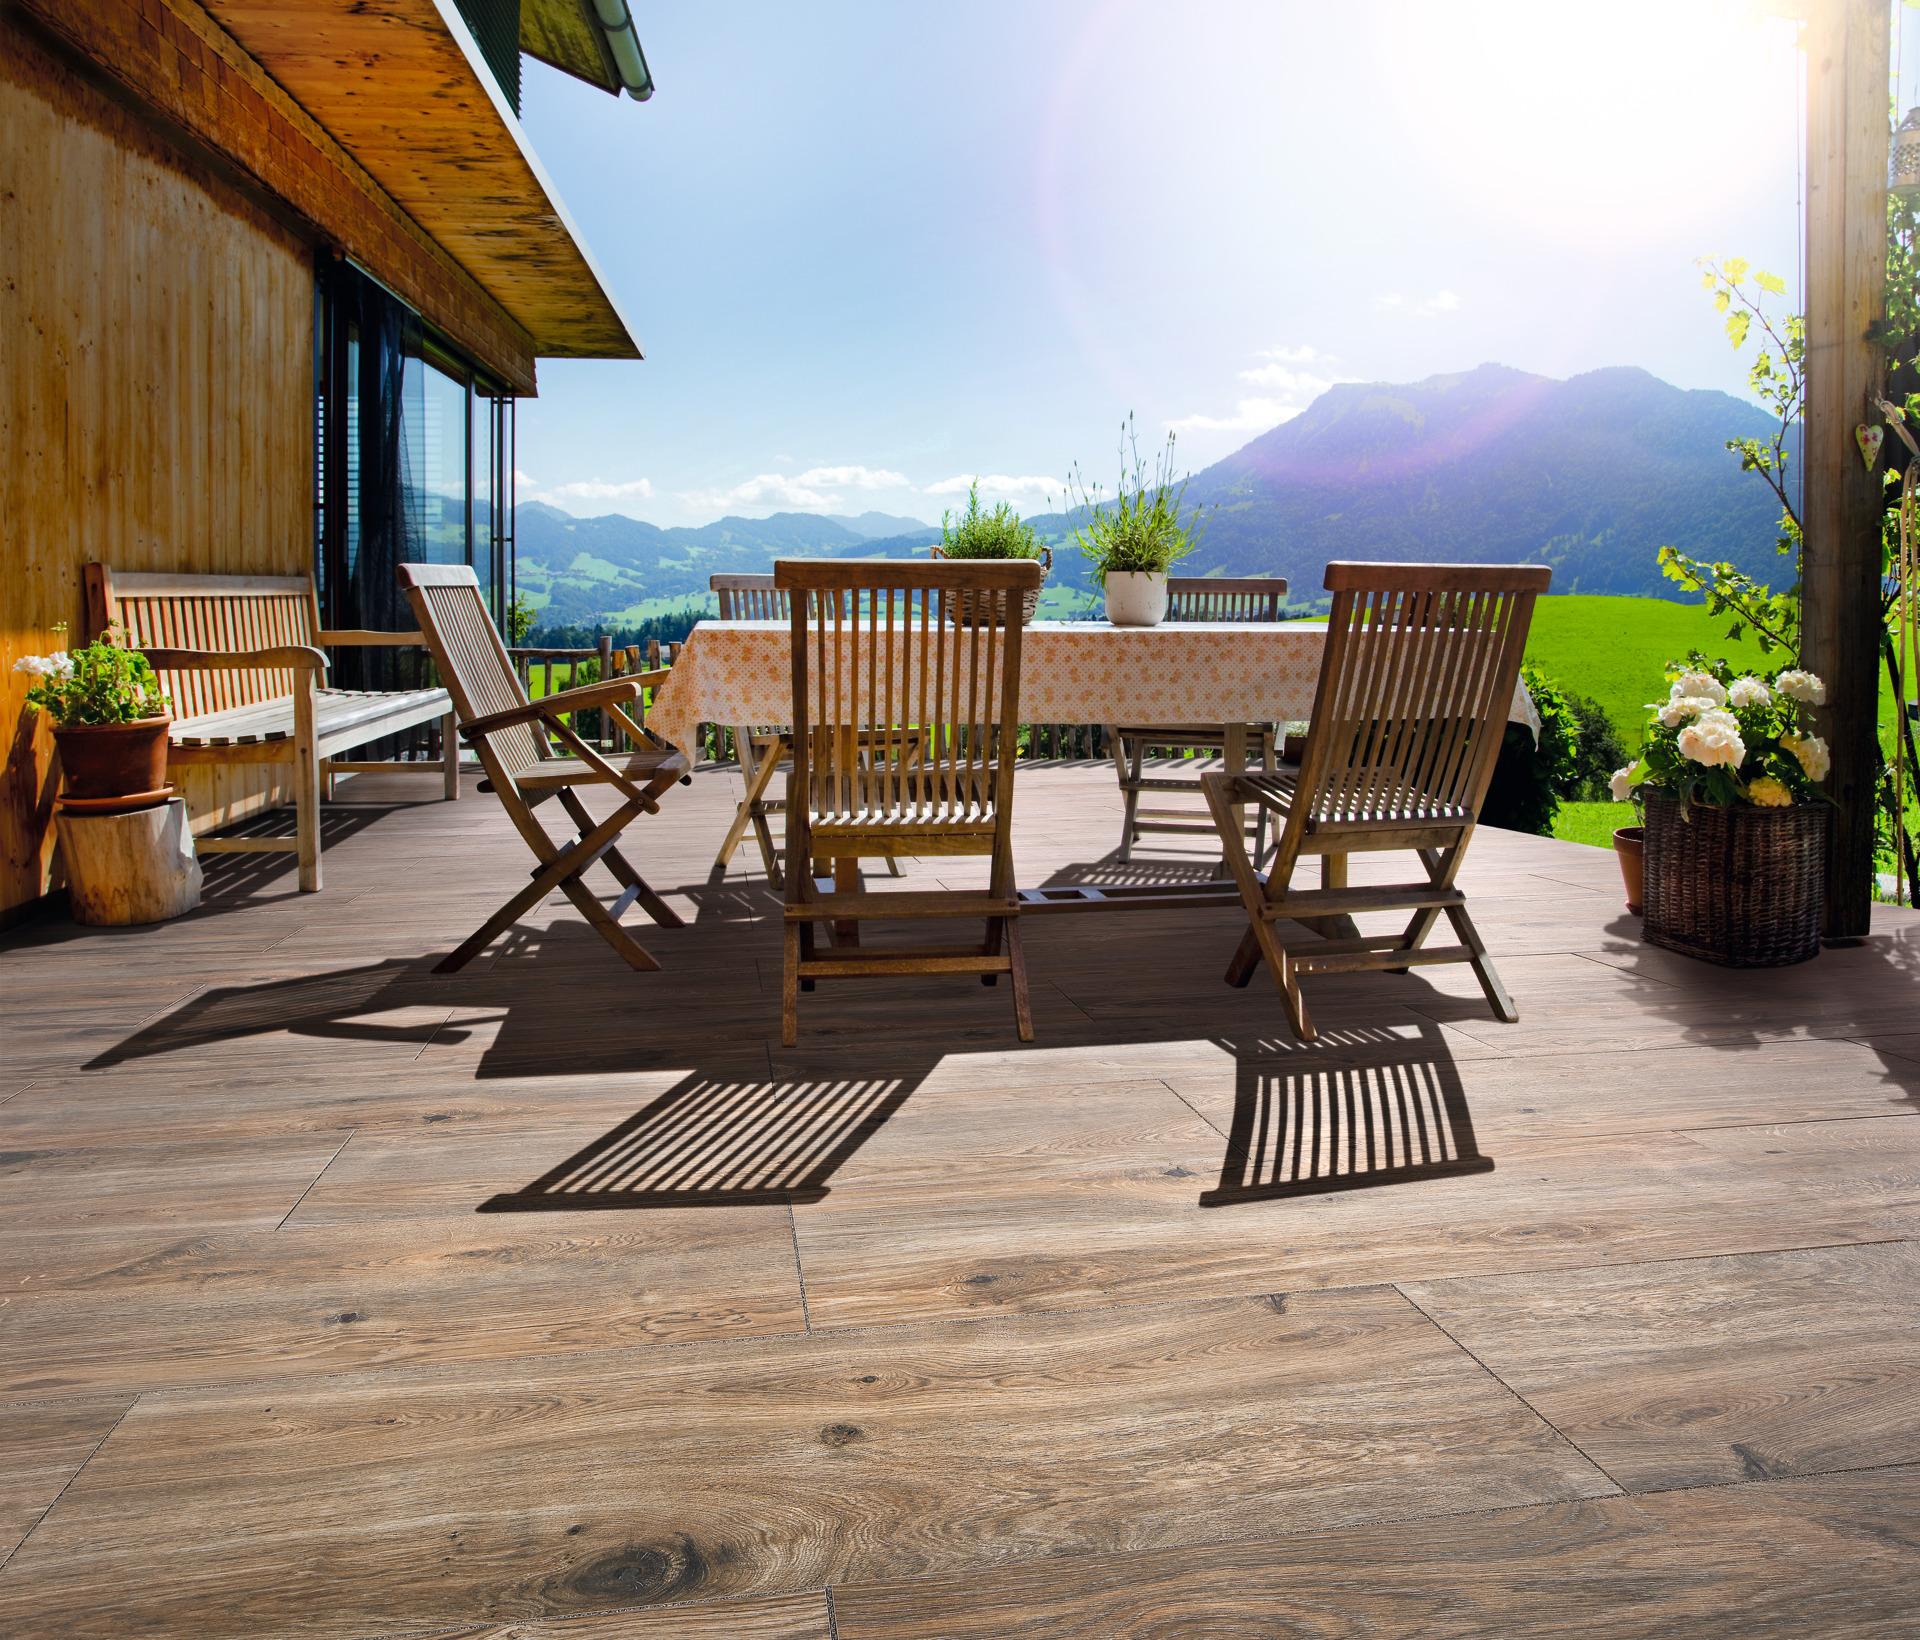 Terrassenplatte CARMINO in Holzoptik   GODELMANN   Die Stein Erfinder